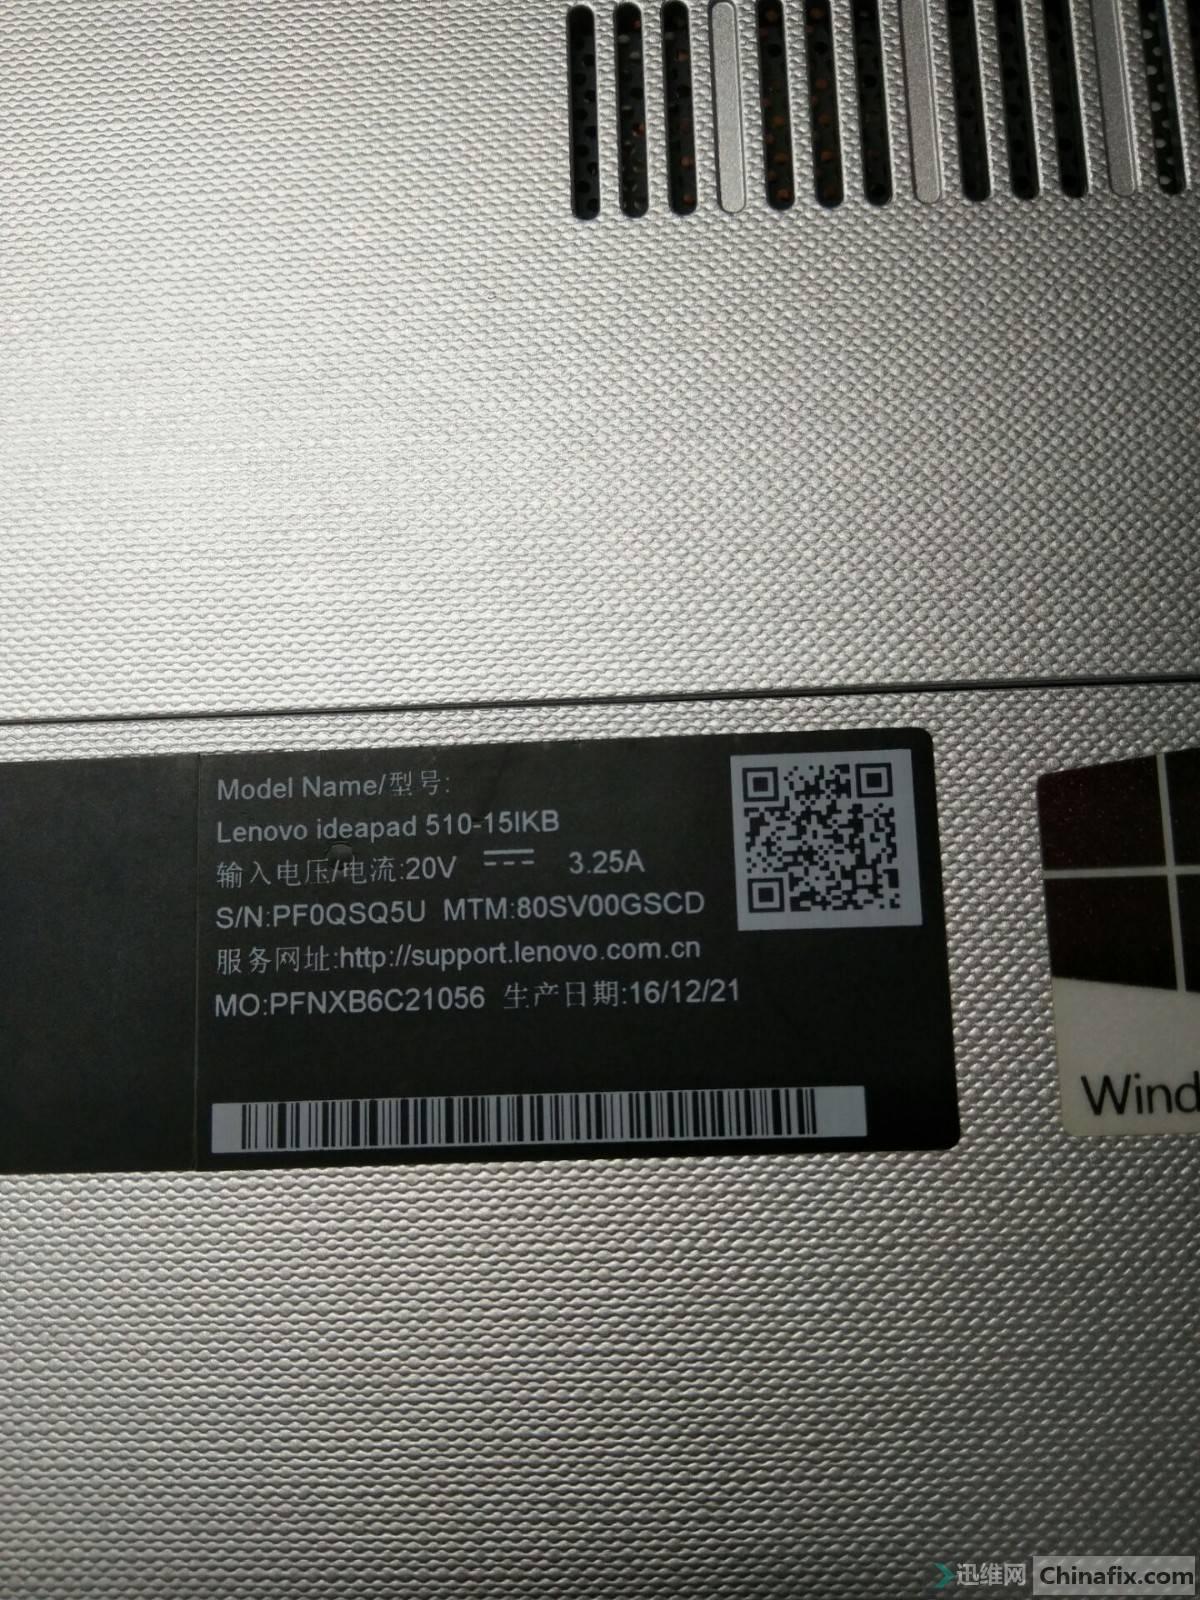 32AF5A295527779DB4352F216792D8A0.jpg